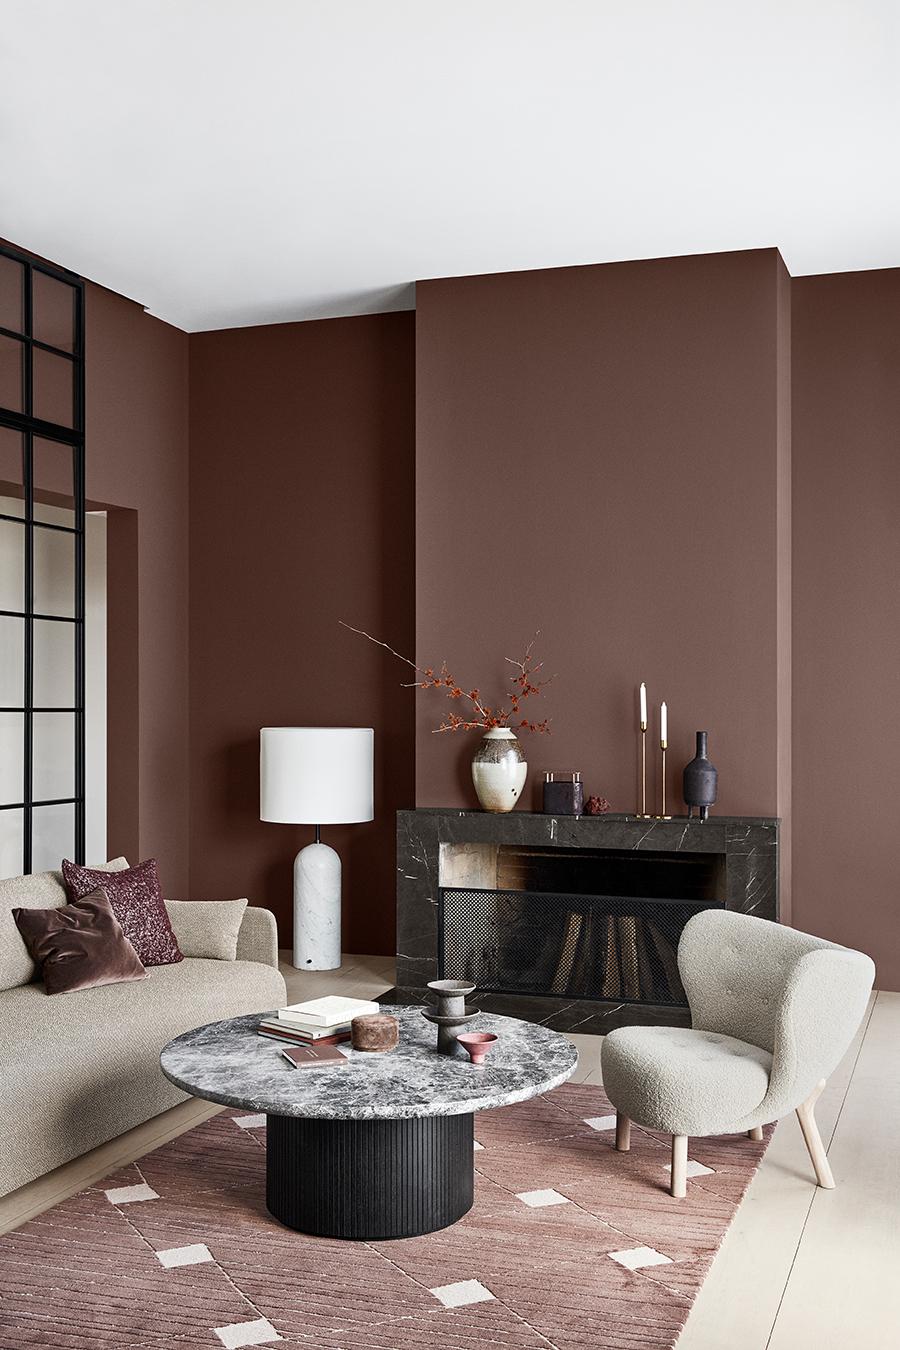 7 Vegger ideas in 2020 | home decor, decor, living room grey